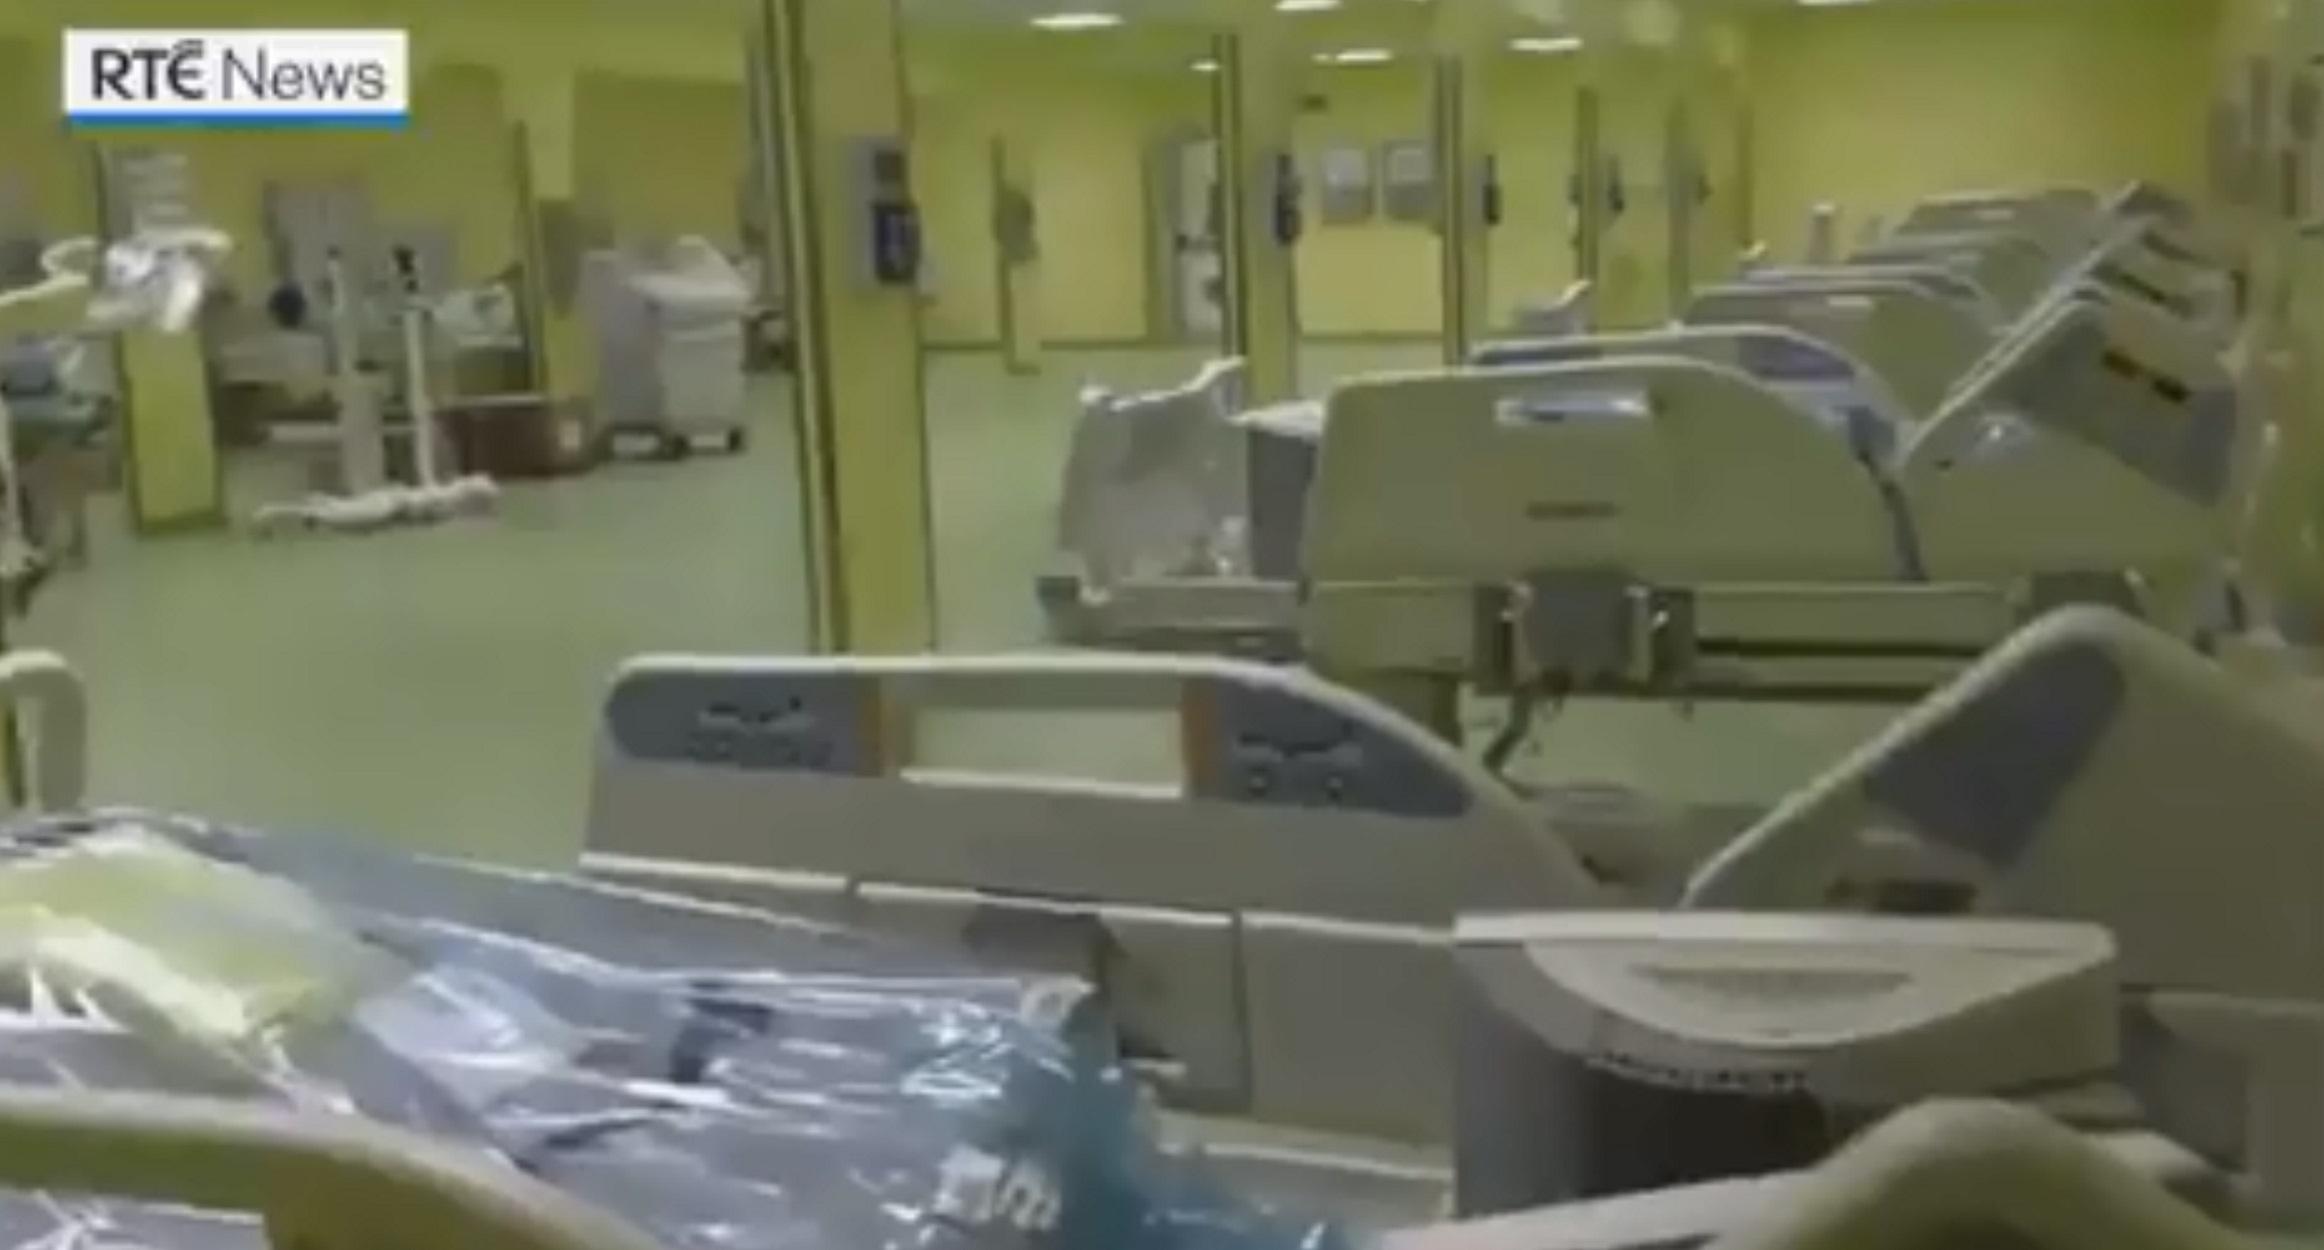 """Μιλάνο: Ανοίγει ξανά το """"νοσοκομείο Covid"""" που κατασκευάστηκε σε χρόνο ρεκόρ (video)"""